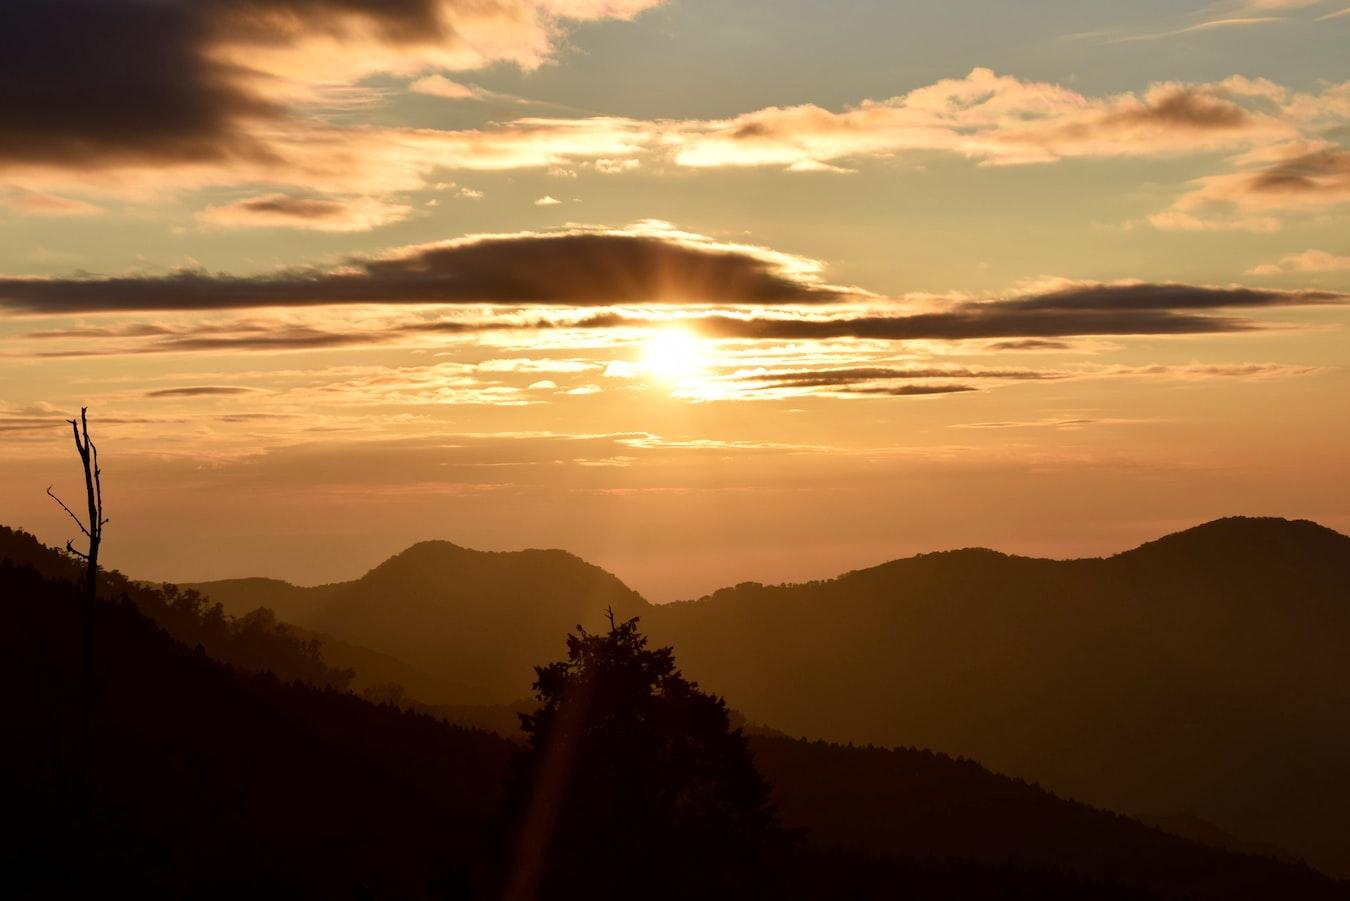 阿里山2020新玩法!失落仙境「眠月線」拍照景點、交通資訊整理